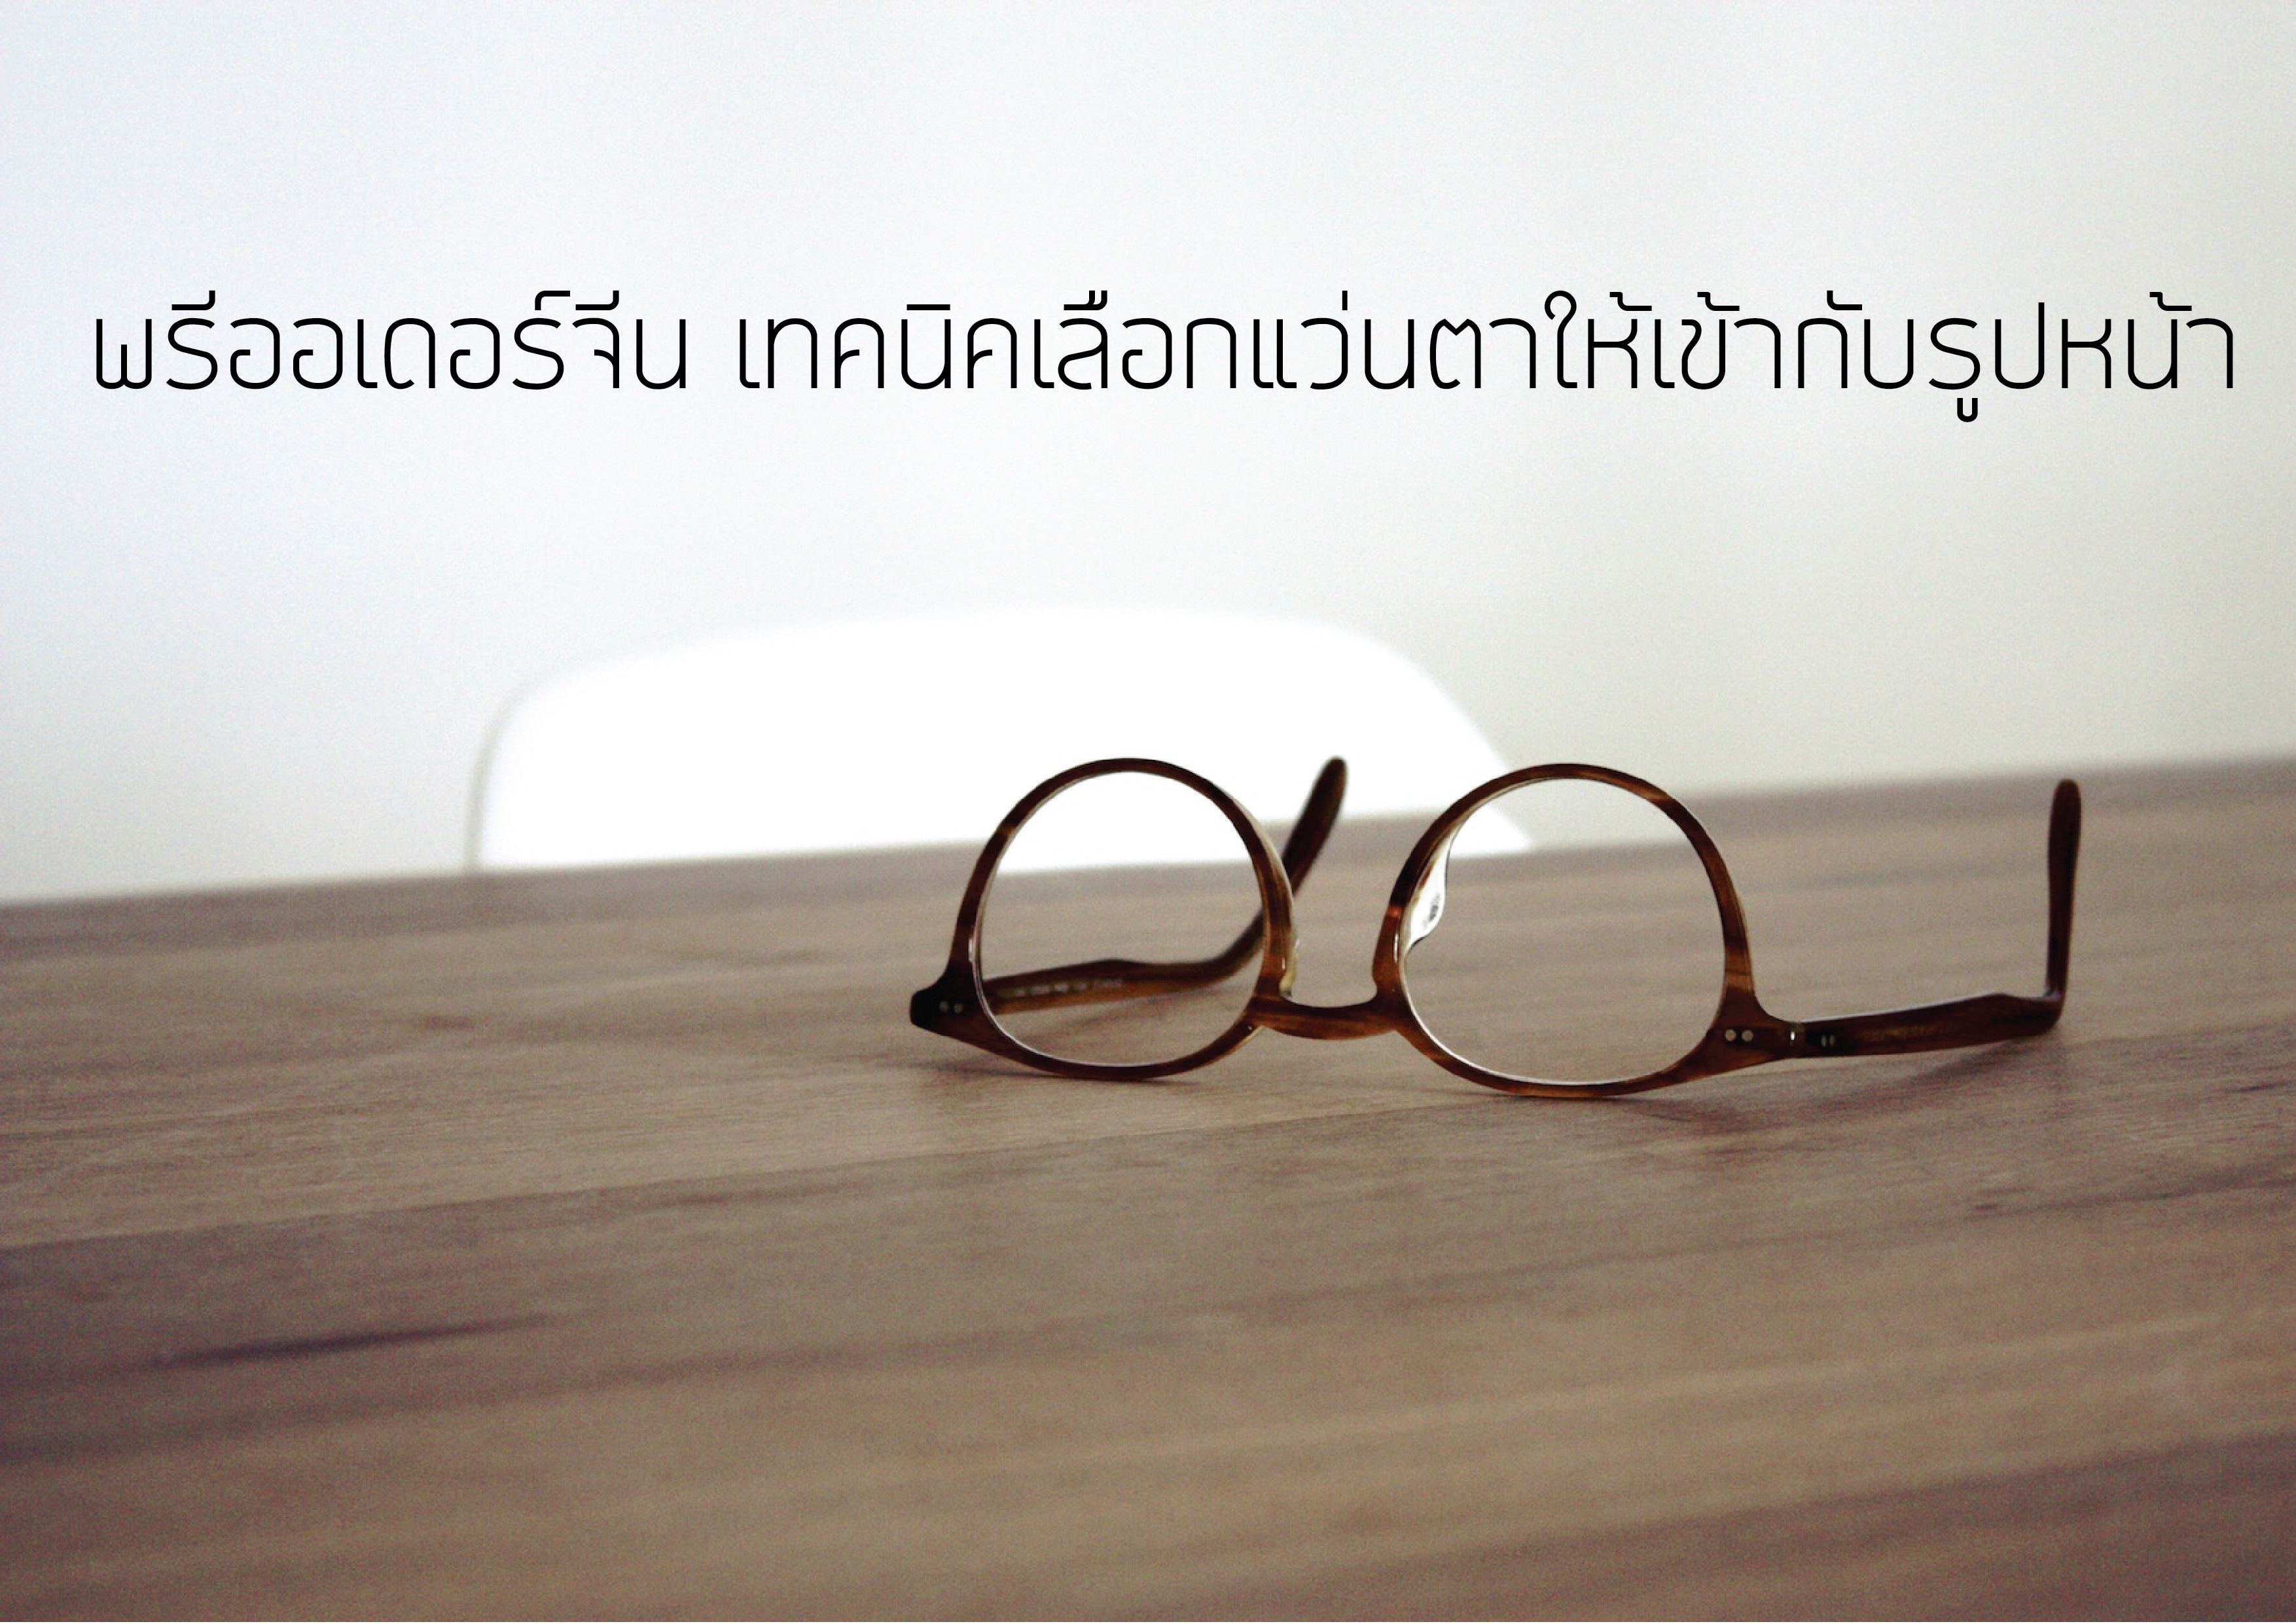 zพรีออเดอร์จีน เทคนิคเลือกแว่นตาให้เข้ากับรูปหน้า